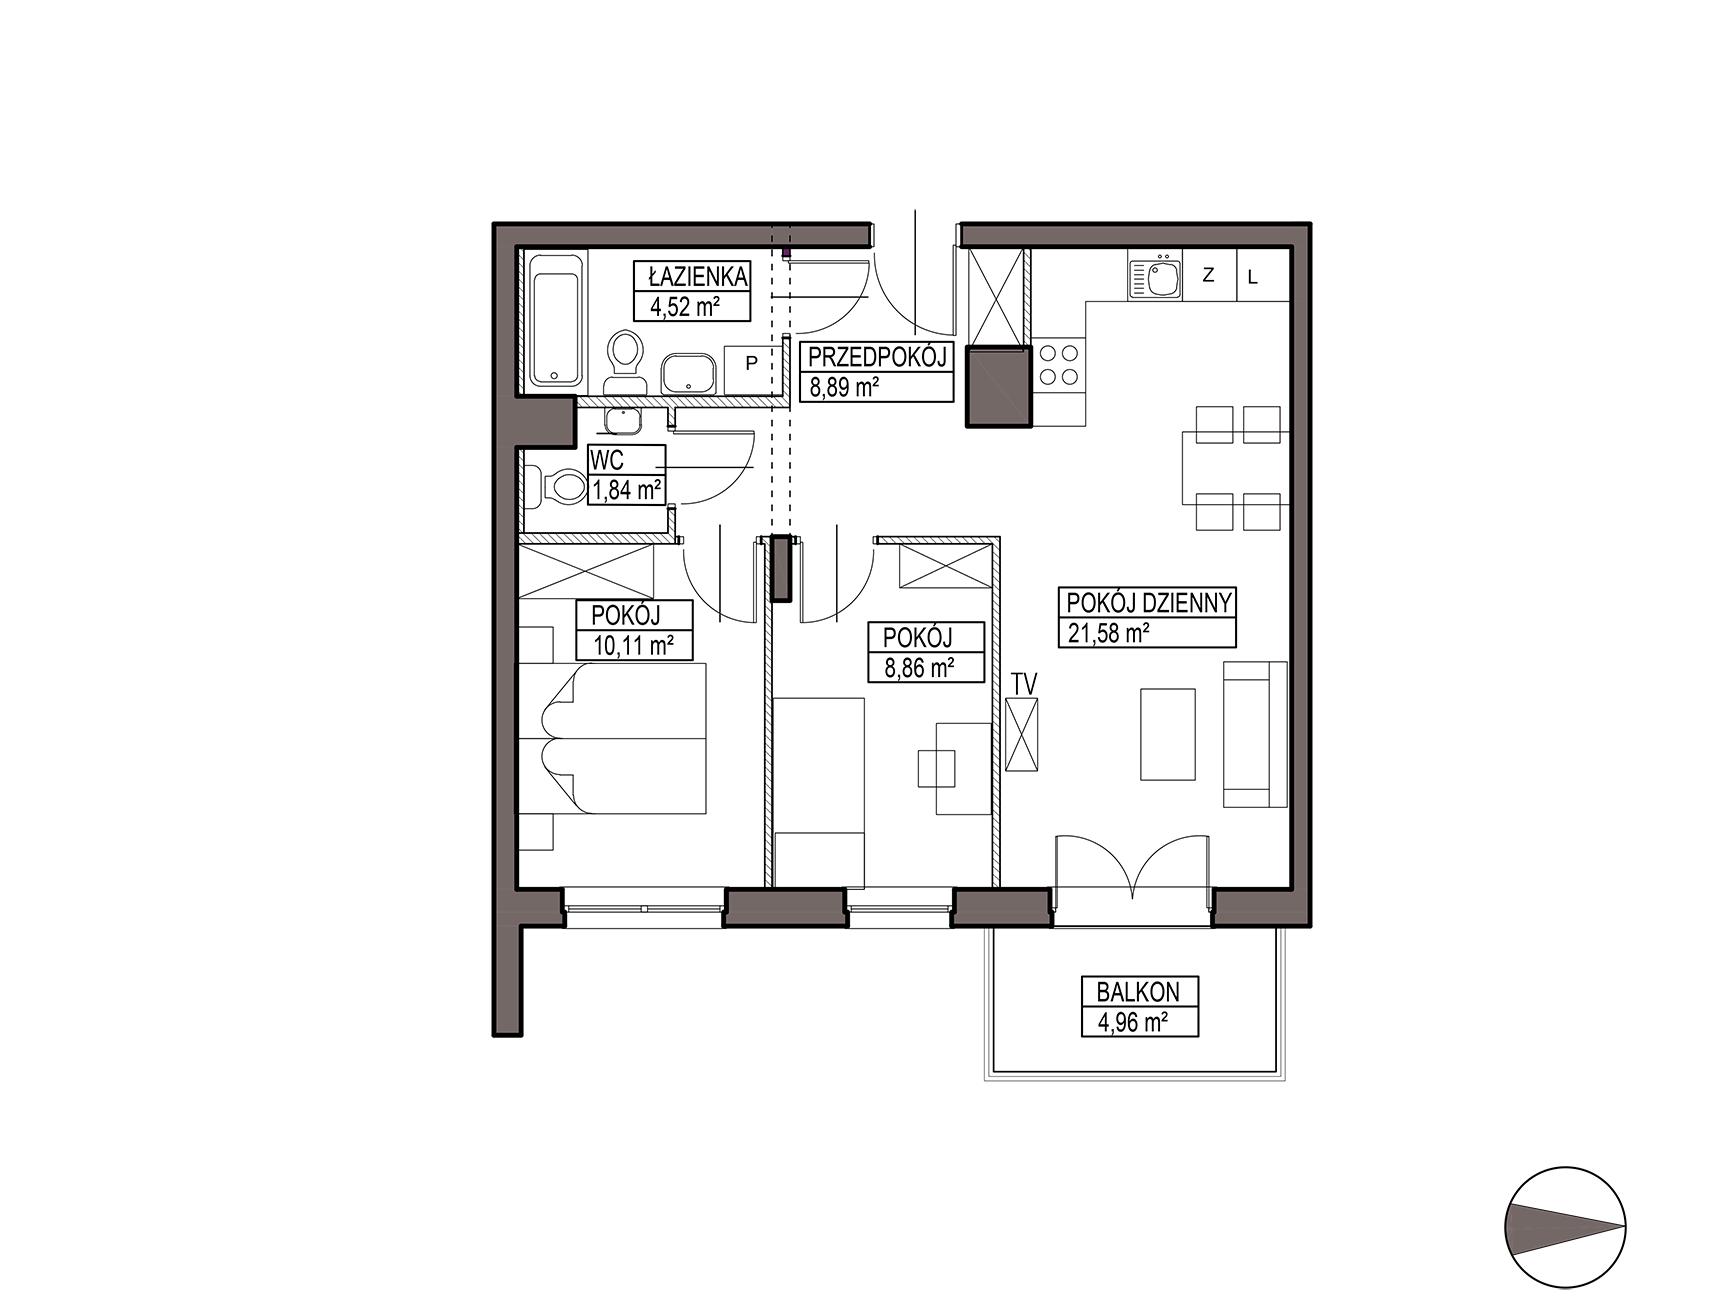 Uroczysko III / budynek 5 / mieszkanie G/1/30 rzut 1